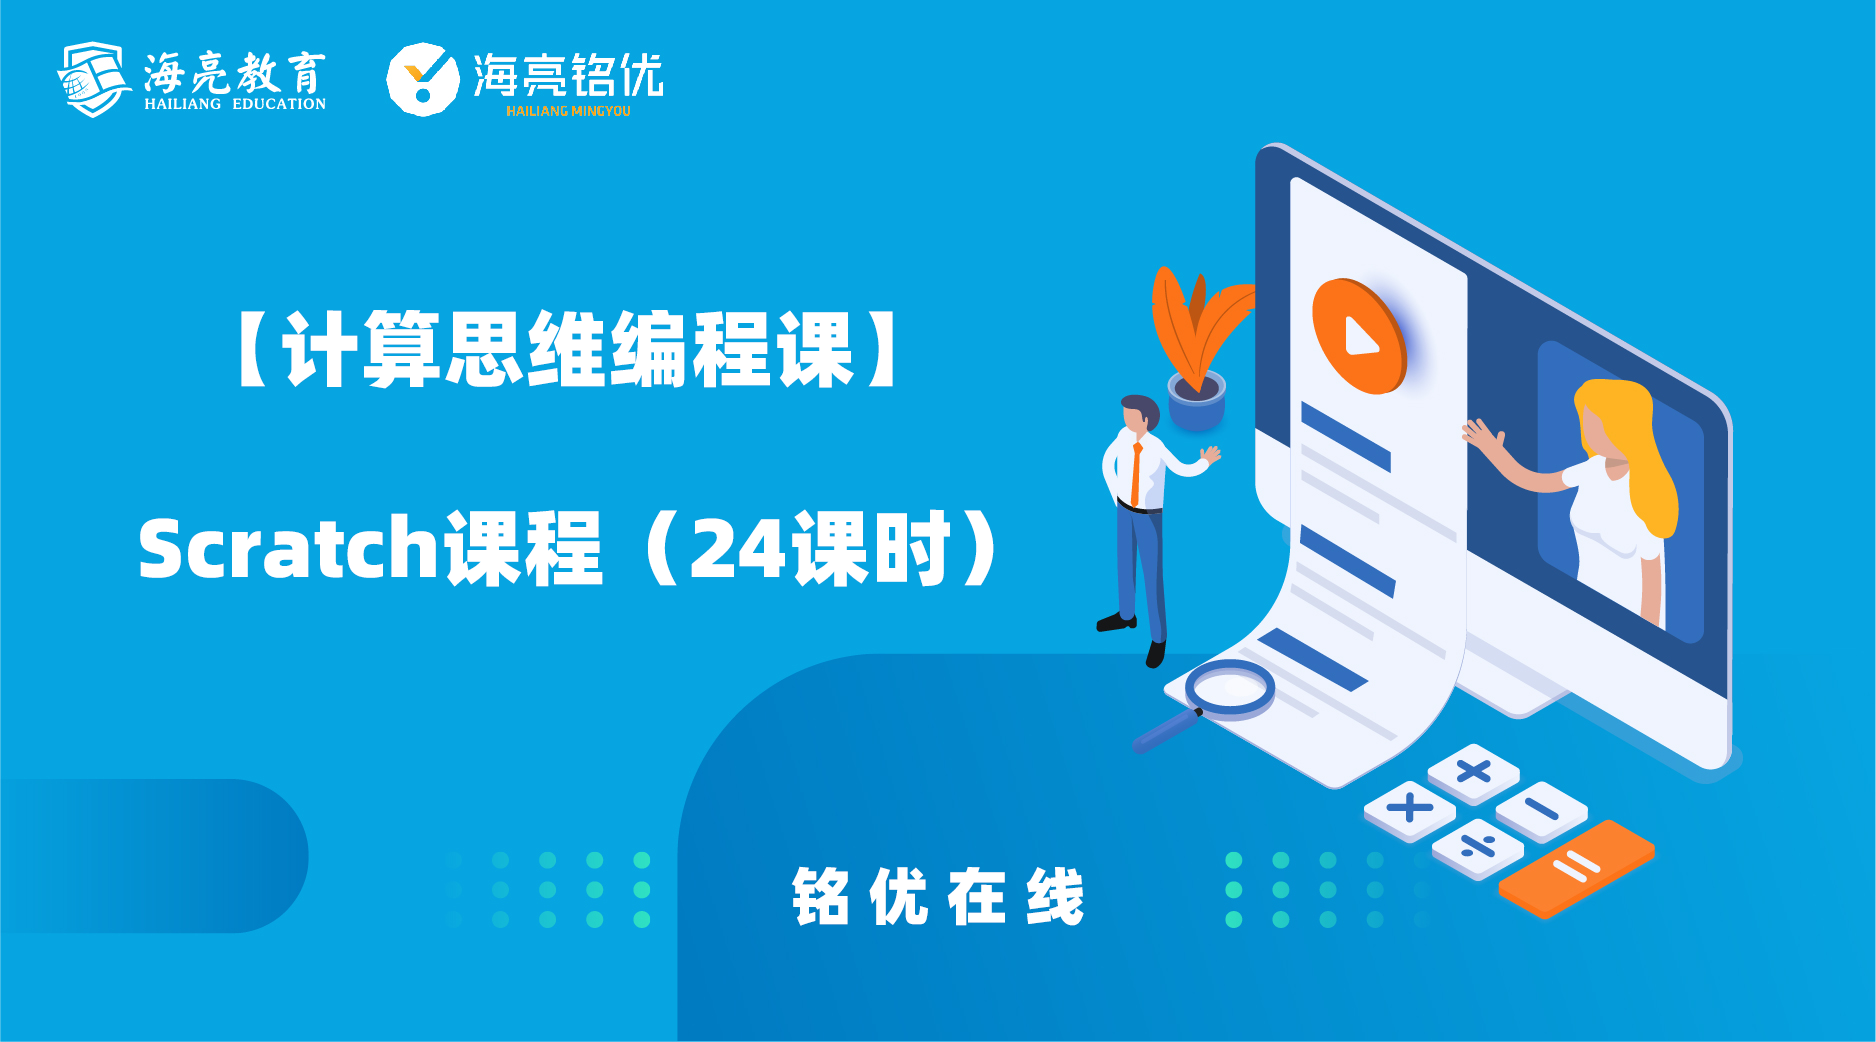 【计算思维编程课】—Scratch课程(24课时)(校外班)